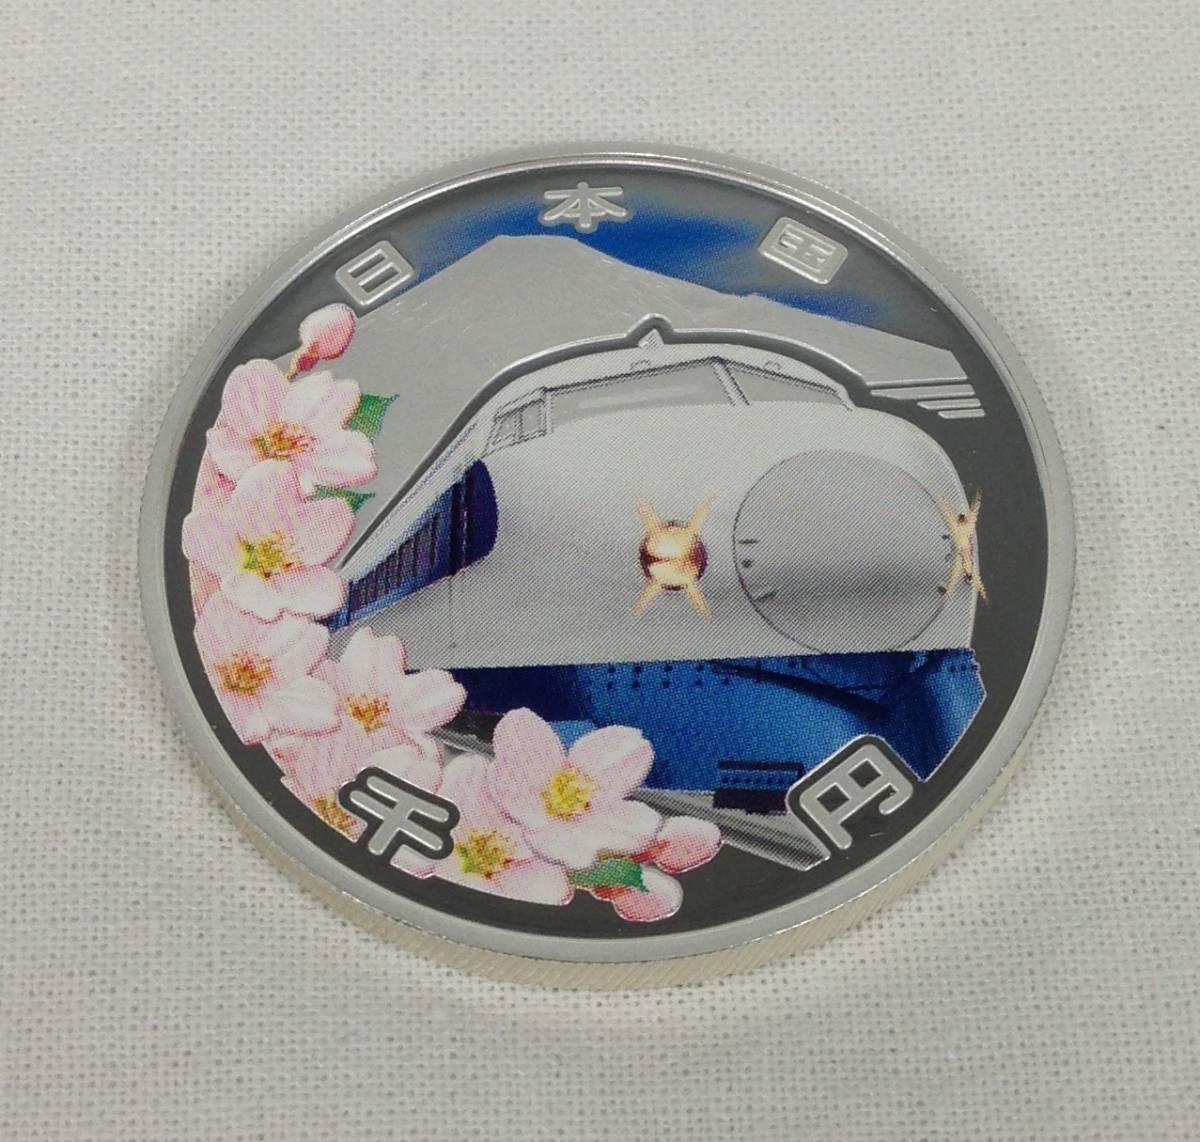 F10022 平成26年 新幹線鉄道開業50周年記念 千円 1000円銀貨